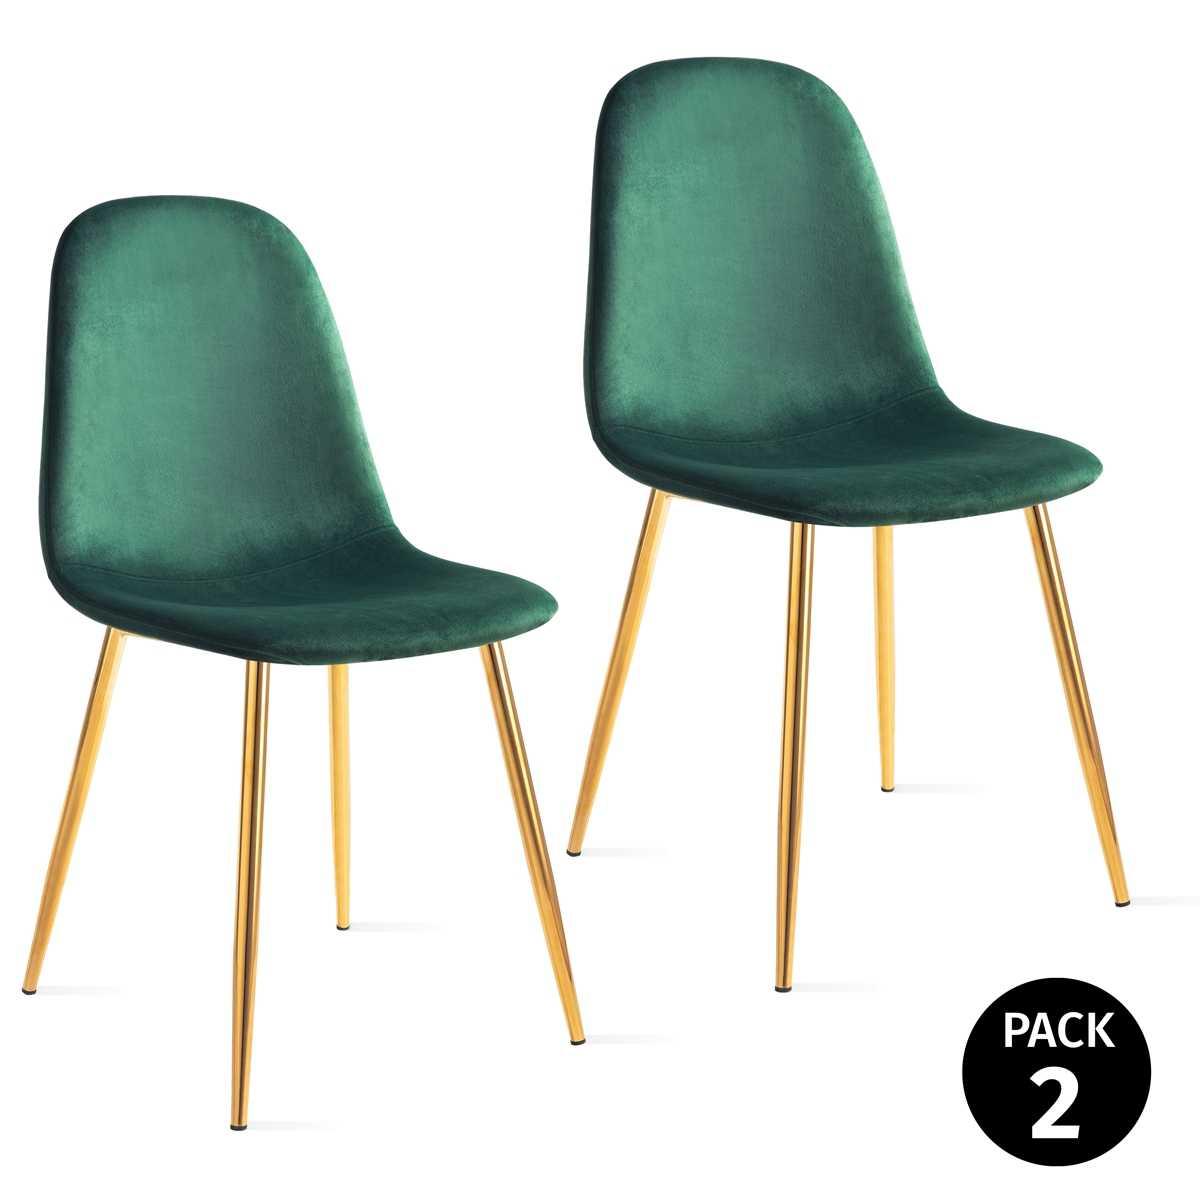 Pack 2 Sillas De Dining Room Vintage Tapizadas Green Velvet